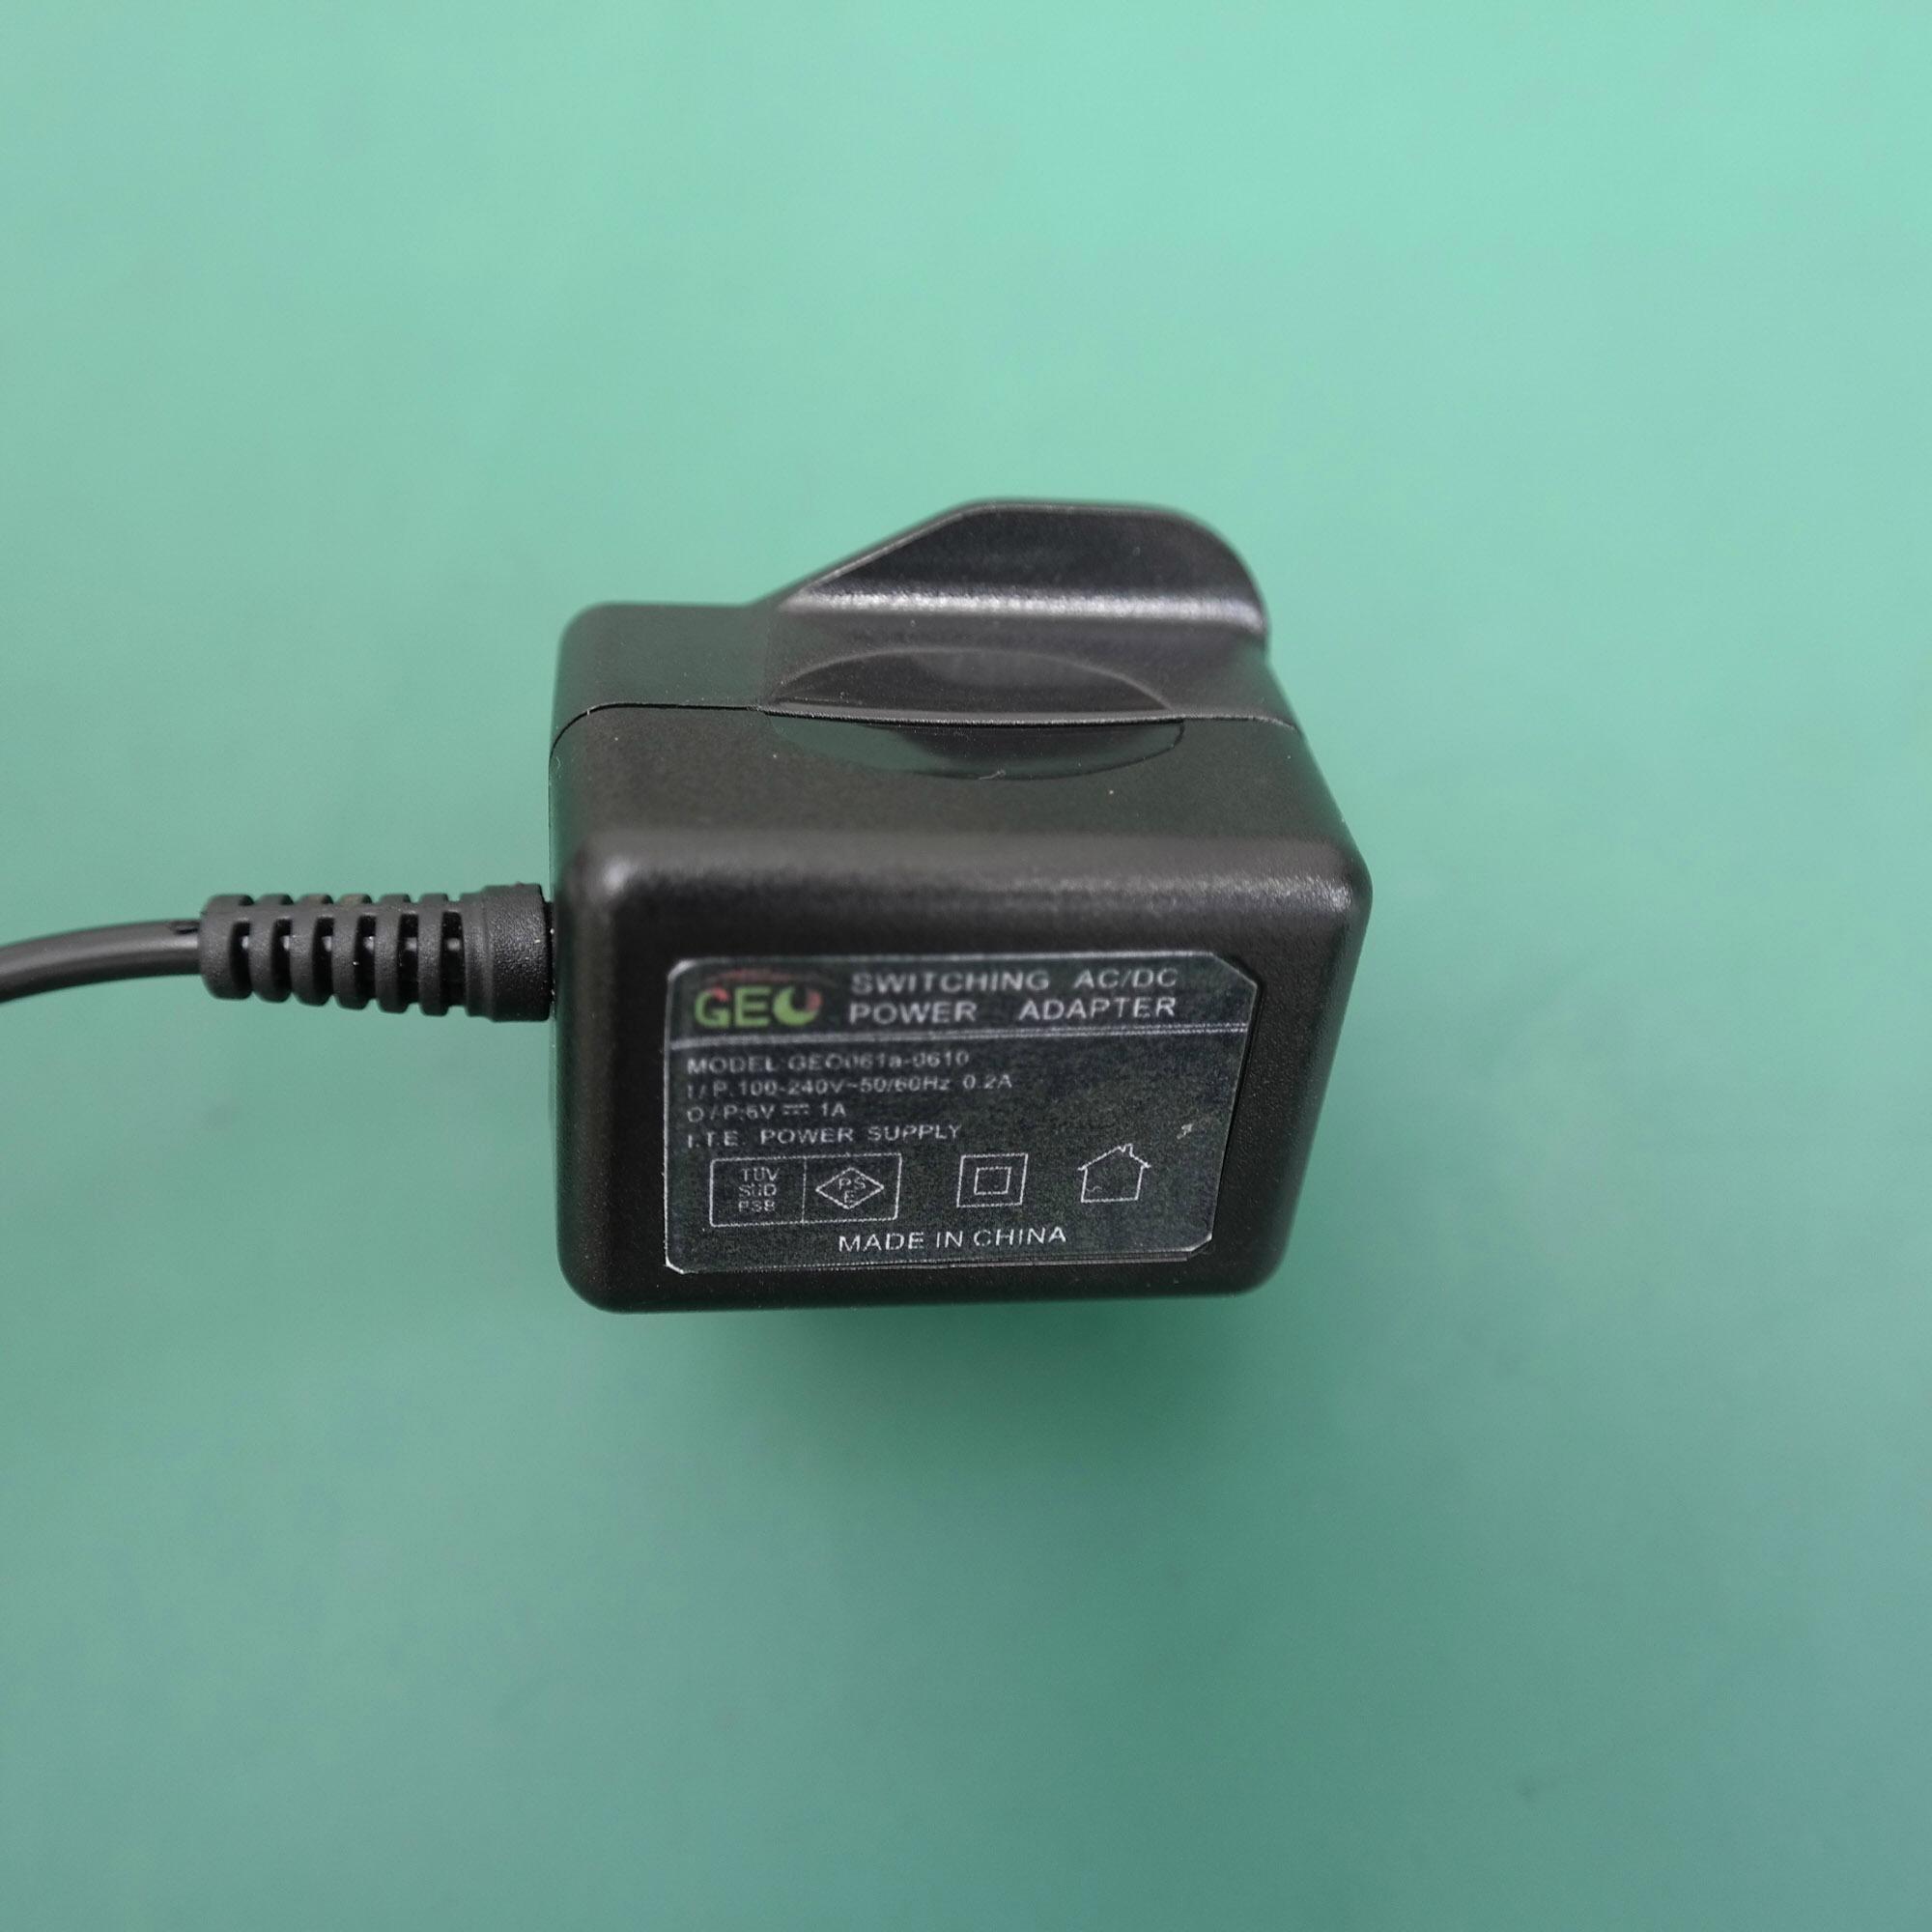 销售5W英国开关电源适配器 8